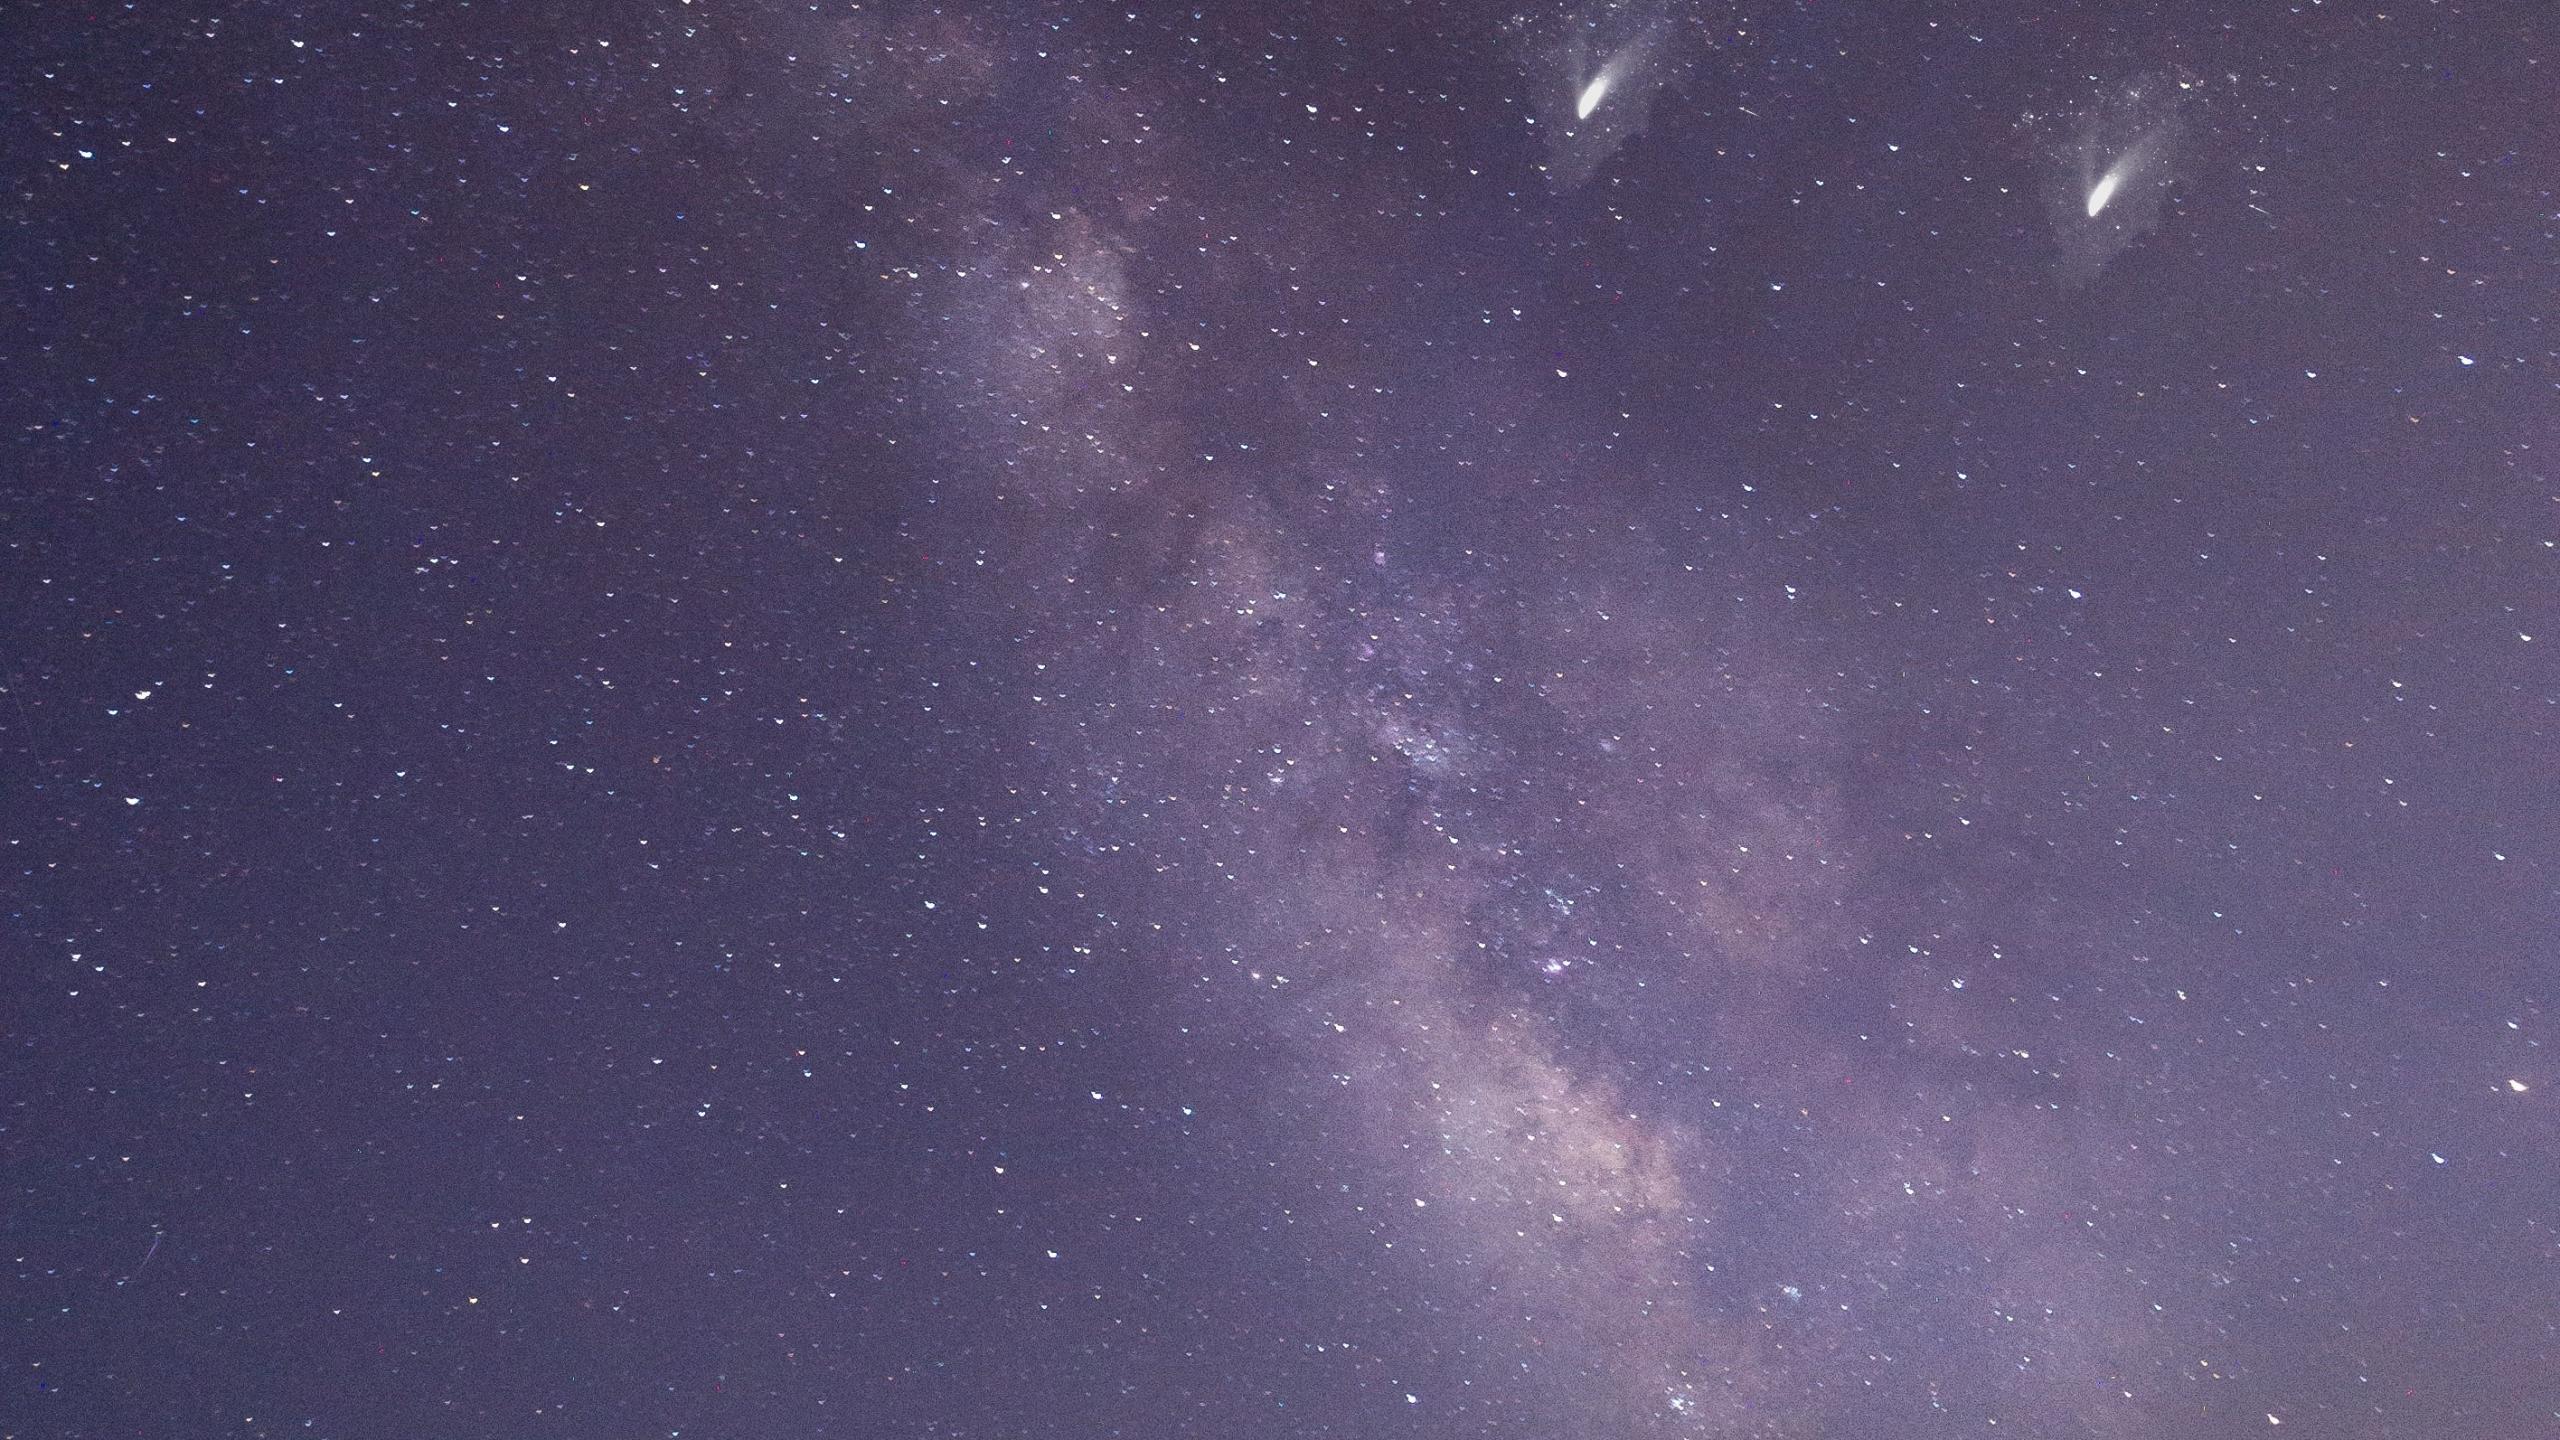 Milky way, desert, night, sky, 2560x1440 wallpaper